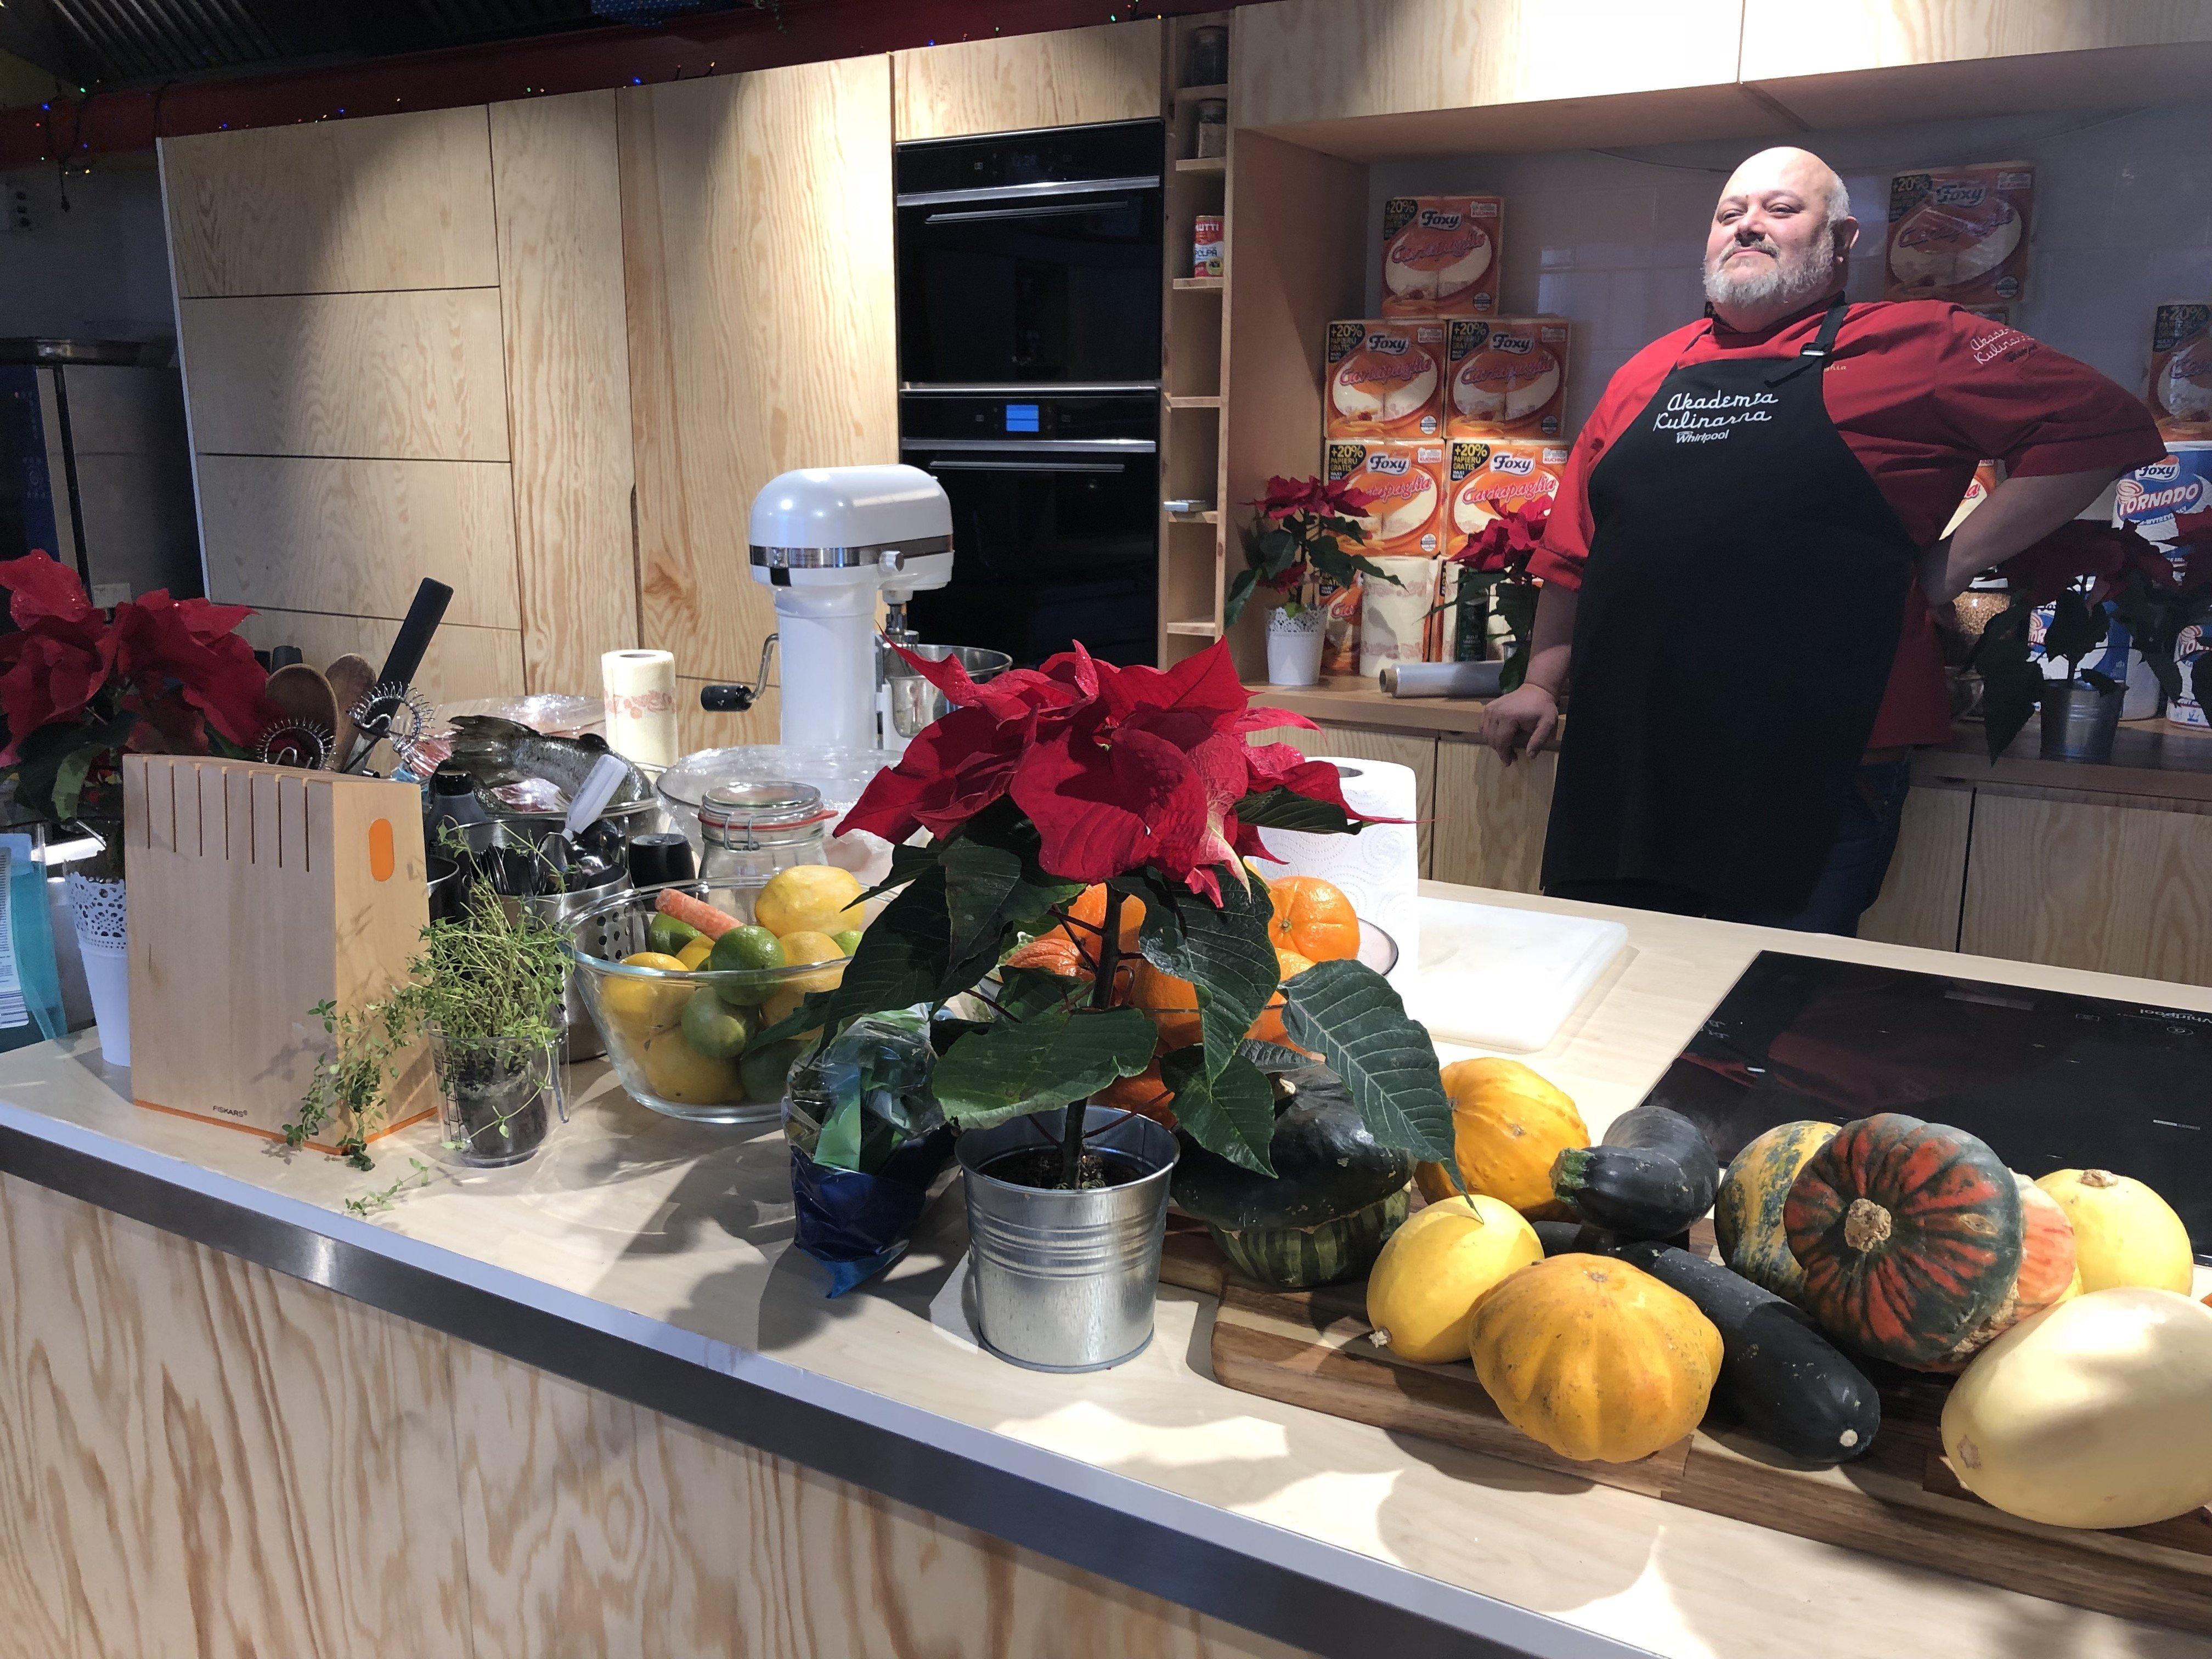 akademia kulinarna whirlpool - 1